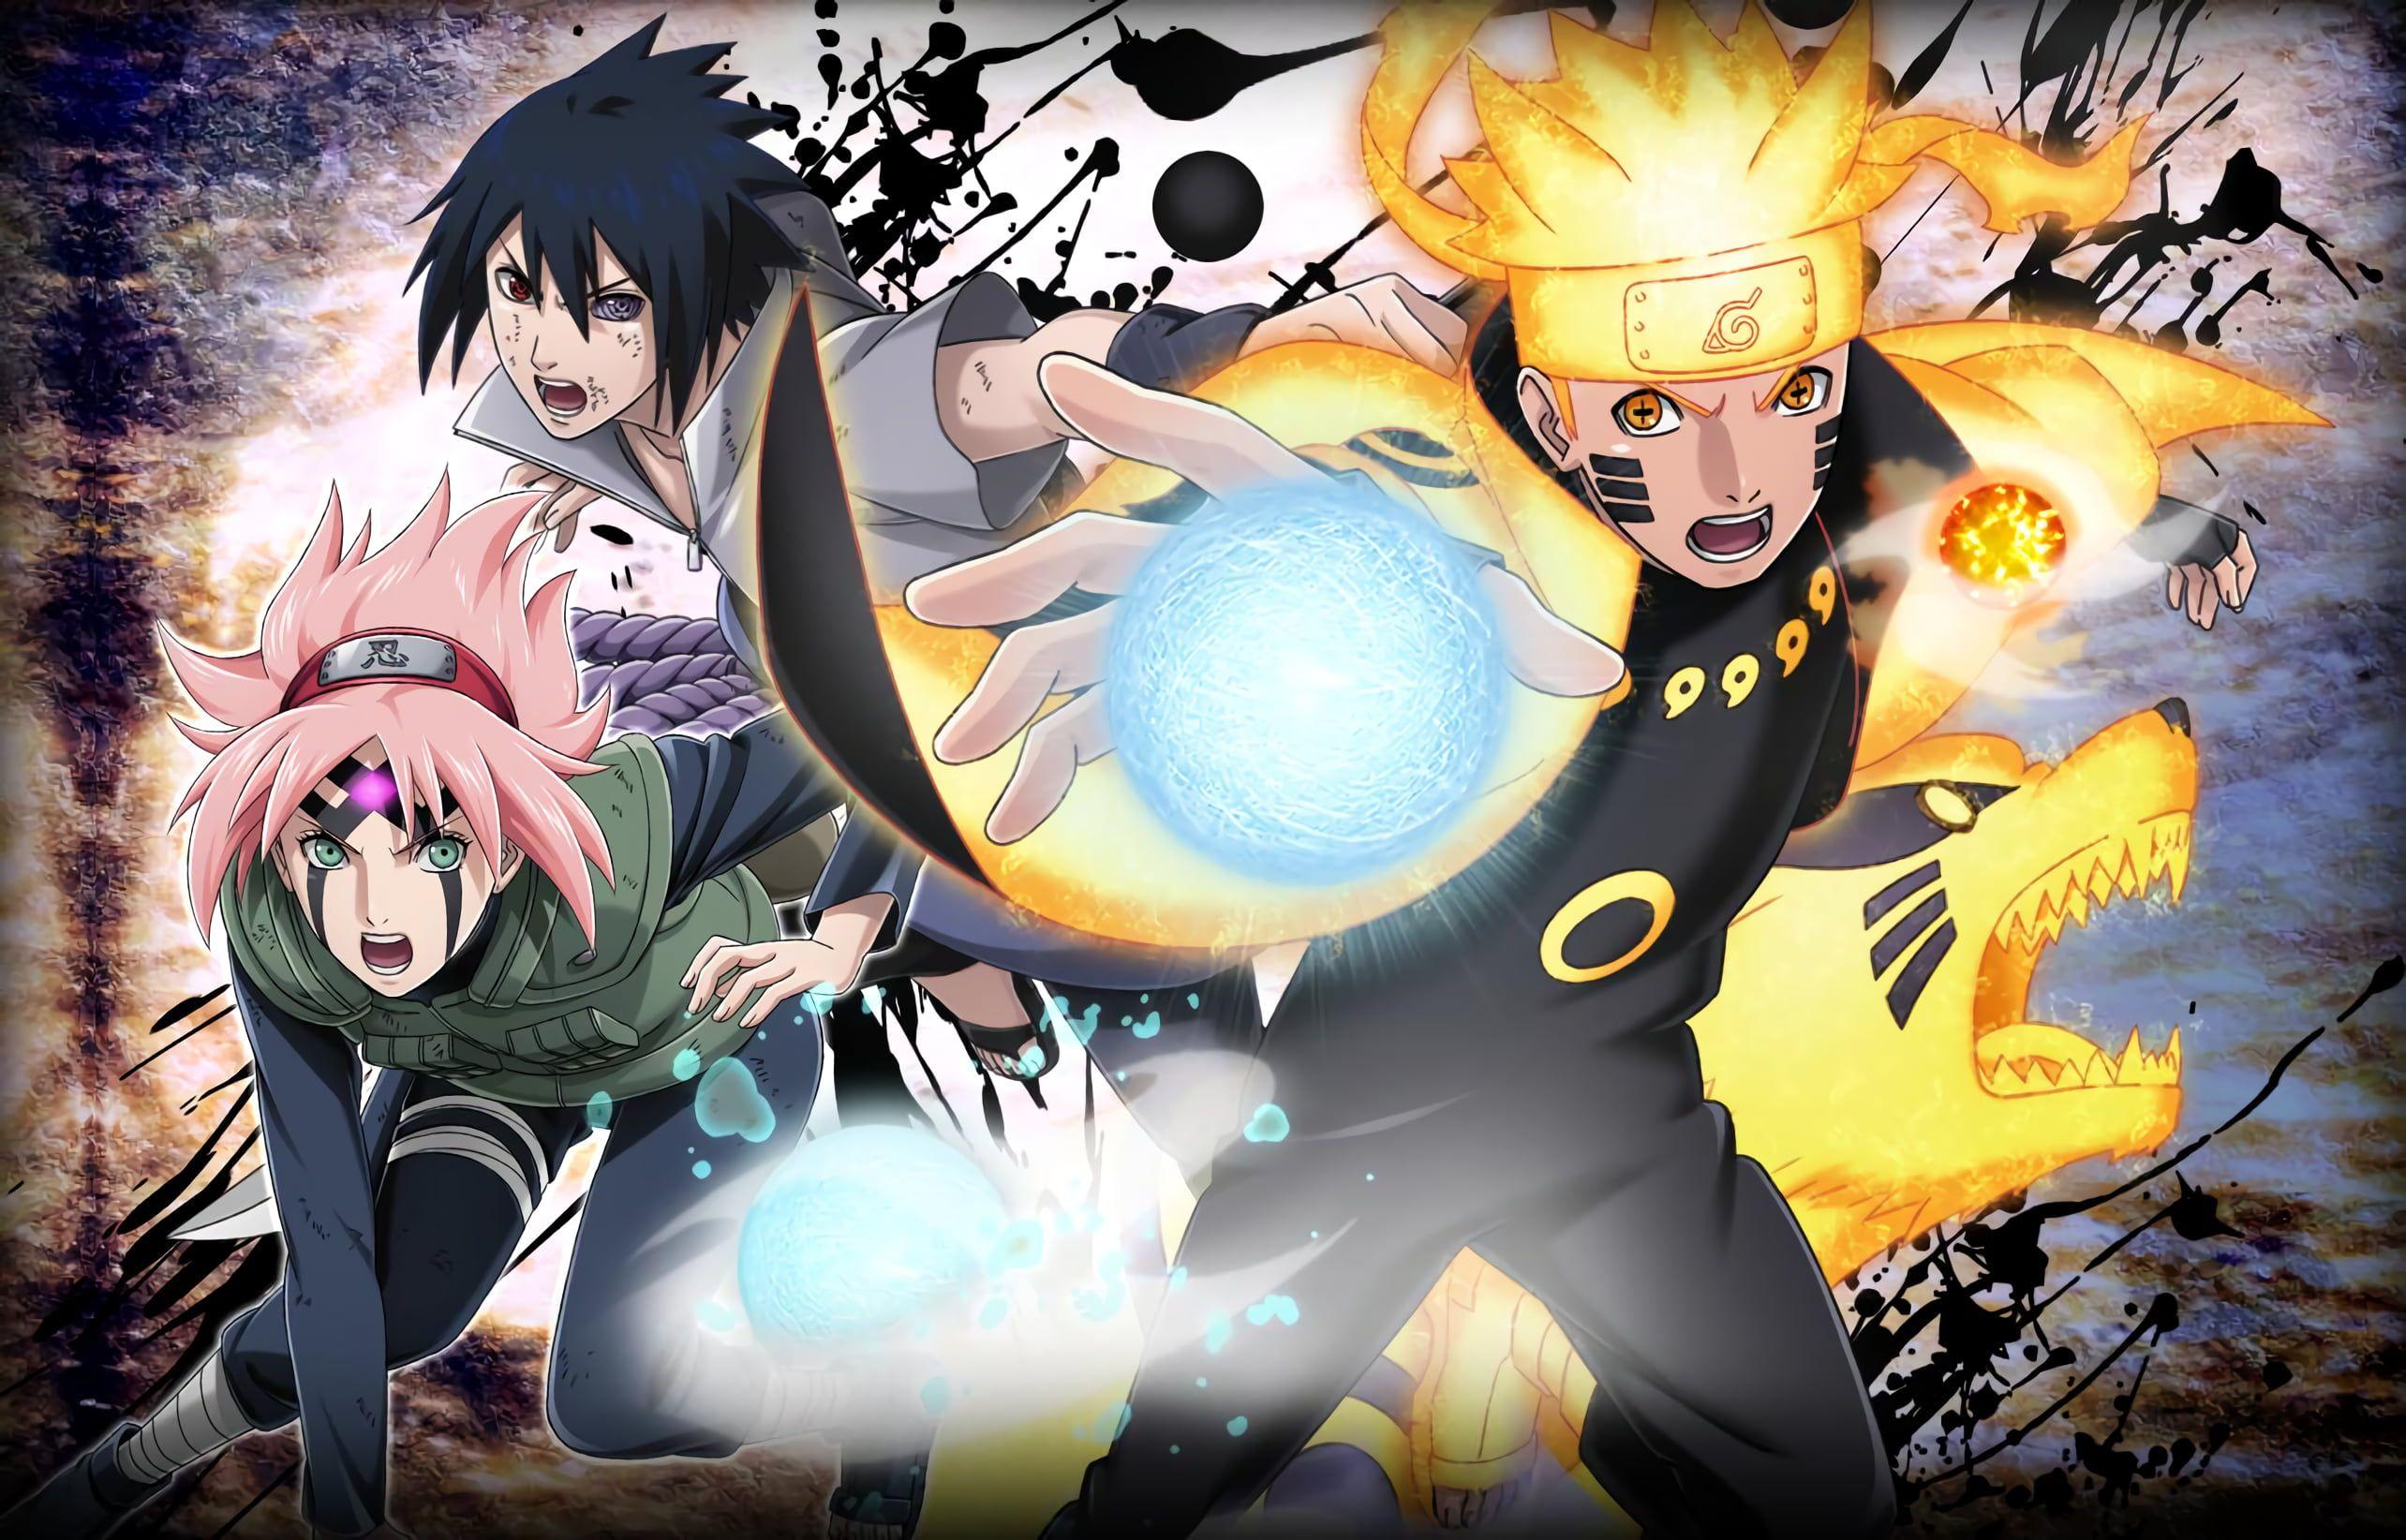 Naruto Naruto Uzumaki Rasengan Naruto Sakura Haruno Sasuke Uchiha 2k Wallpaper Hdwallpaper Naruto E Sasuke Desenho Animes Wallpapers Personagens De Anime